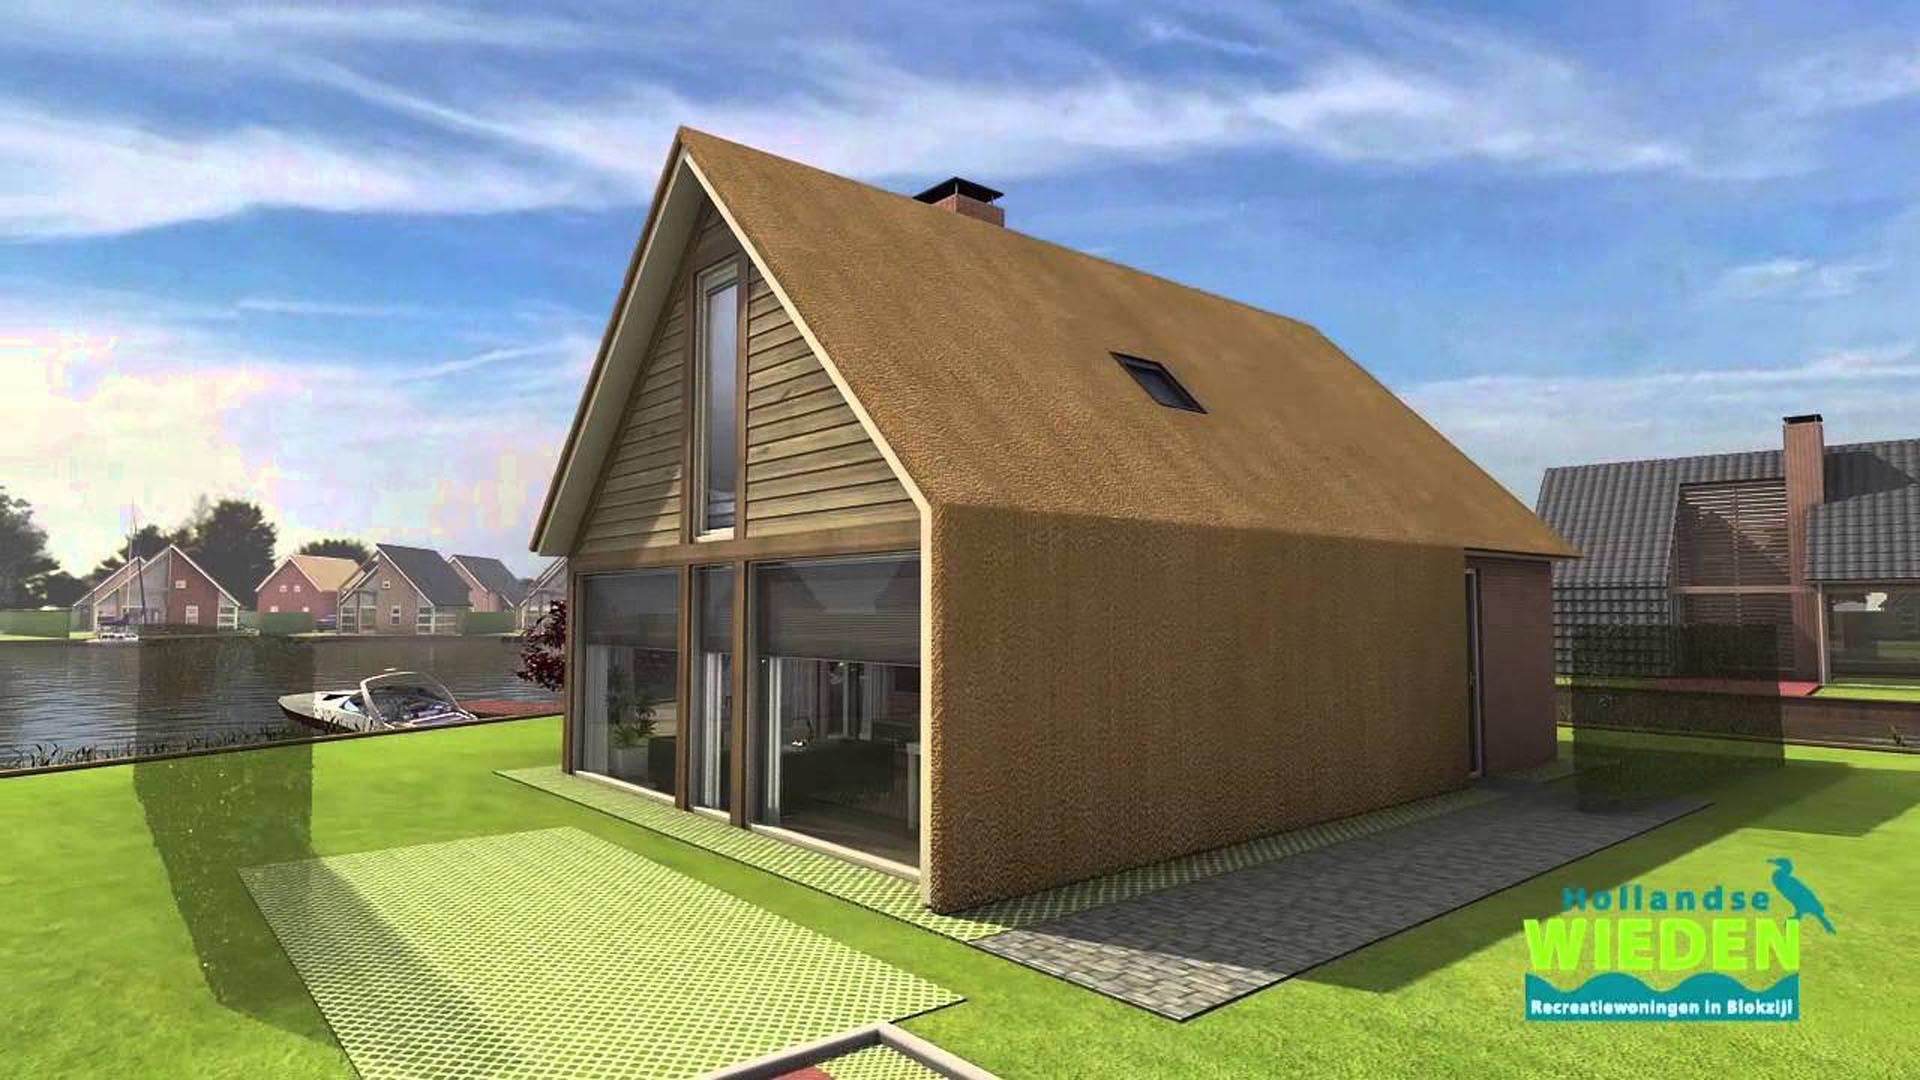 Project Hollandse Wieden in Blokzijl